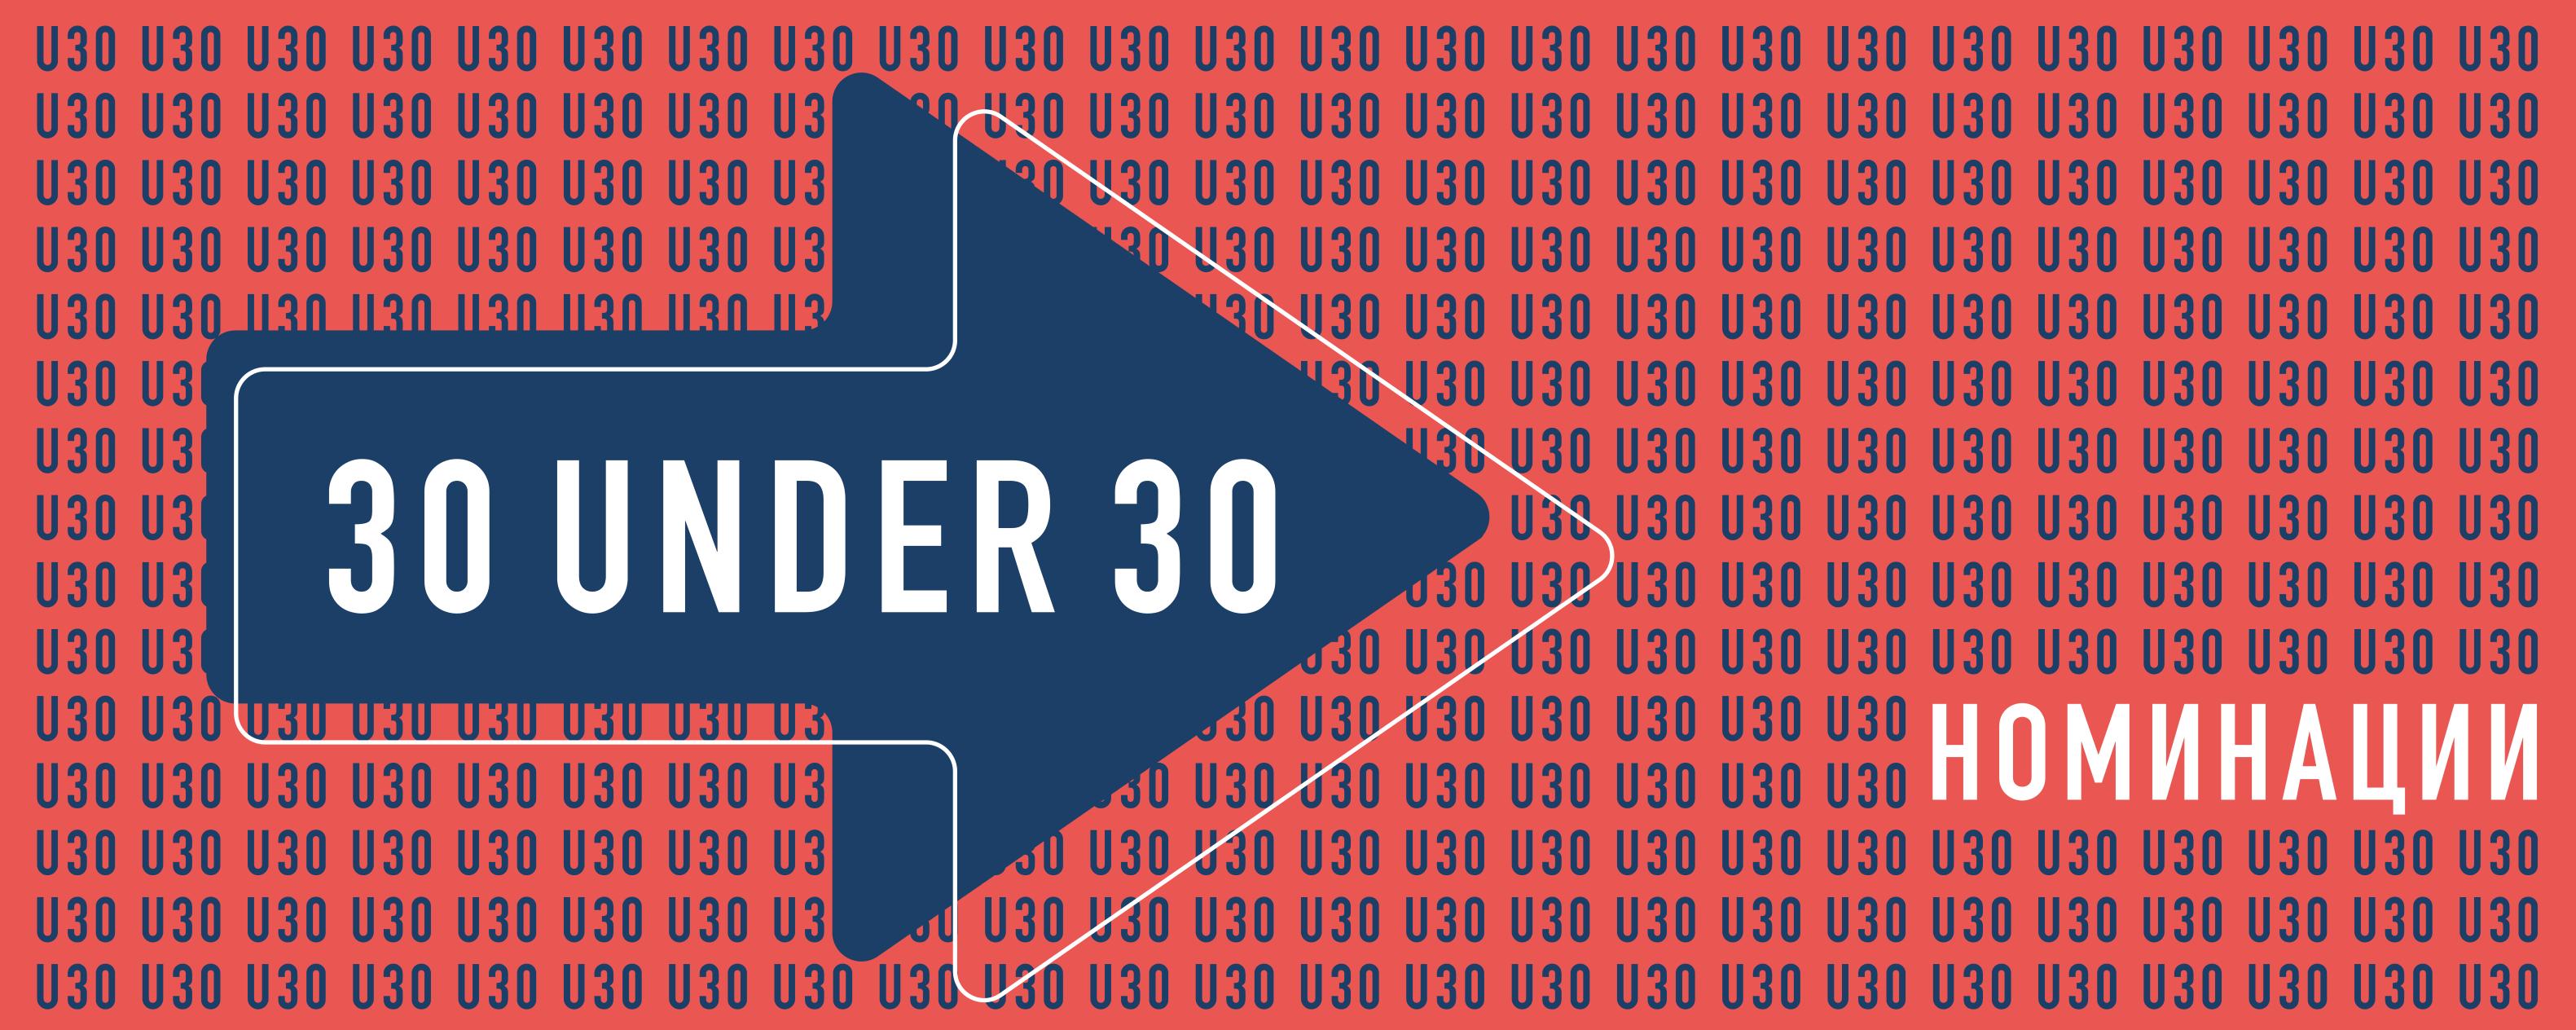 30U30-Header-Visual-01-02-02